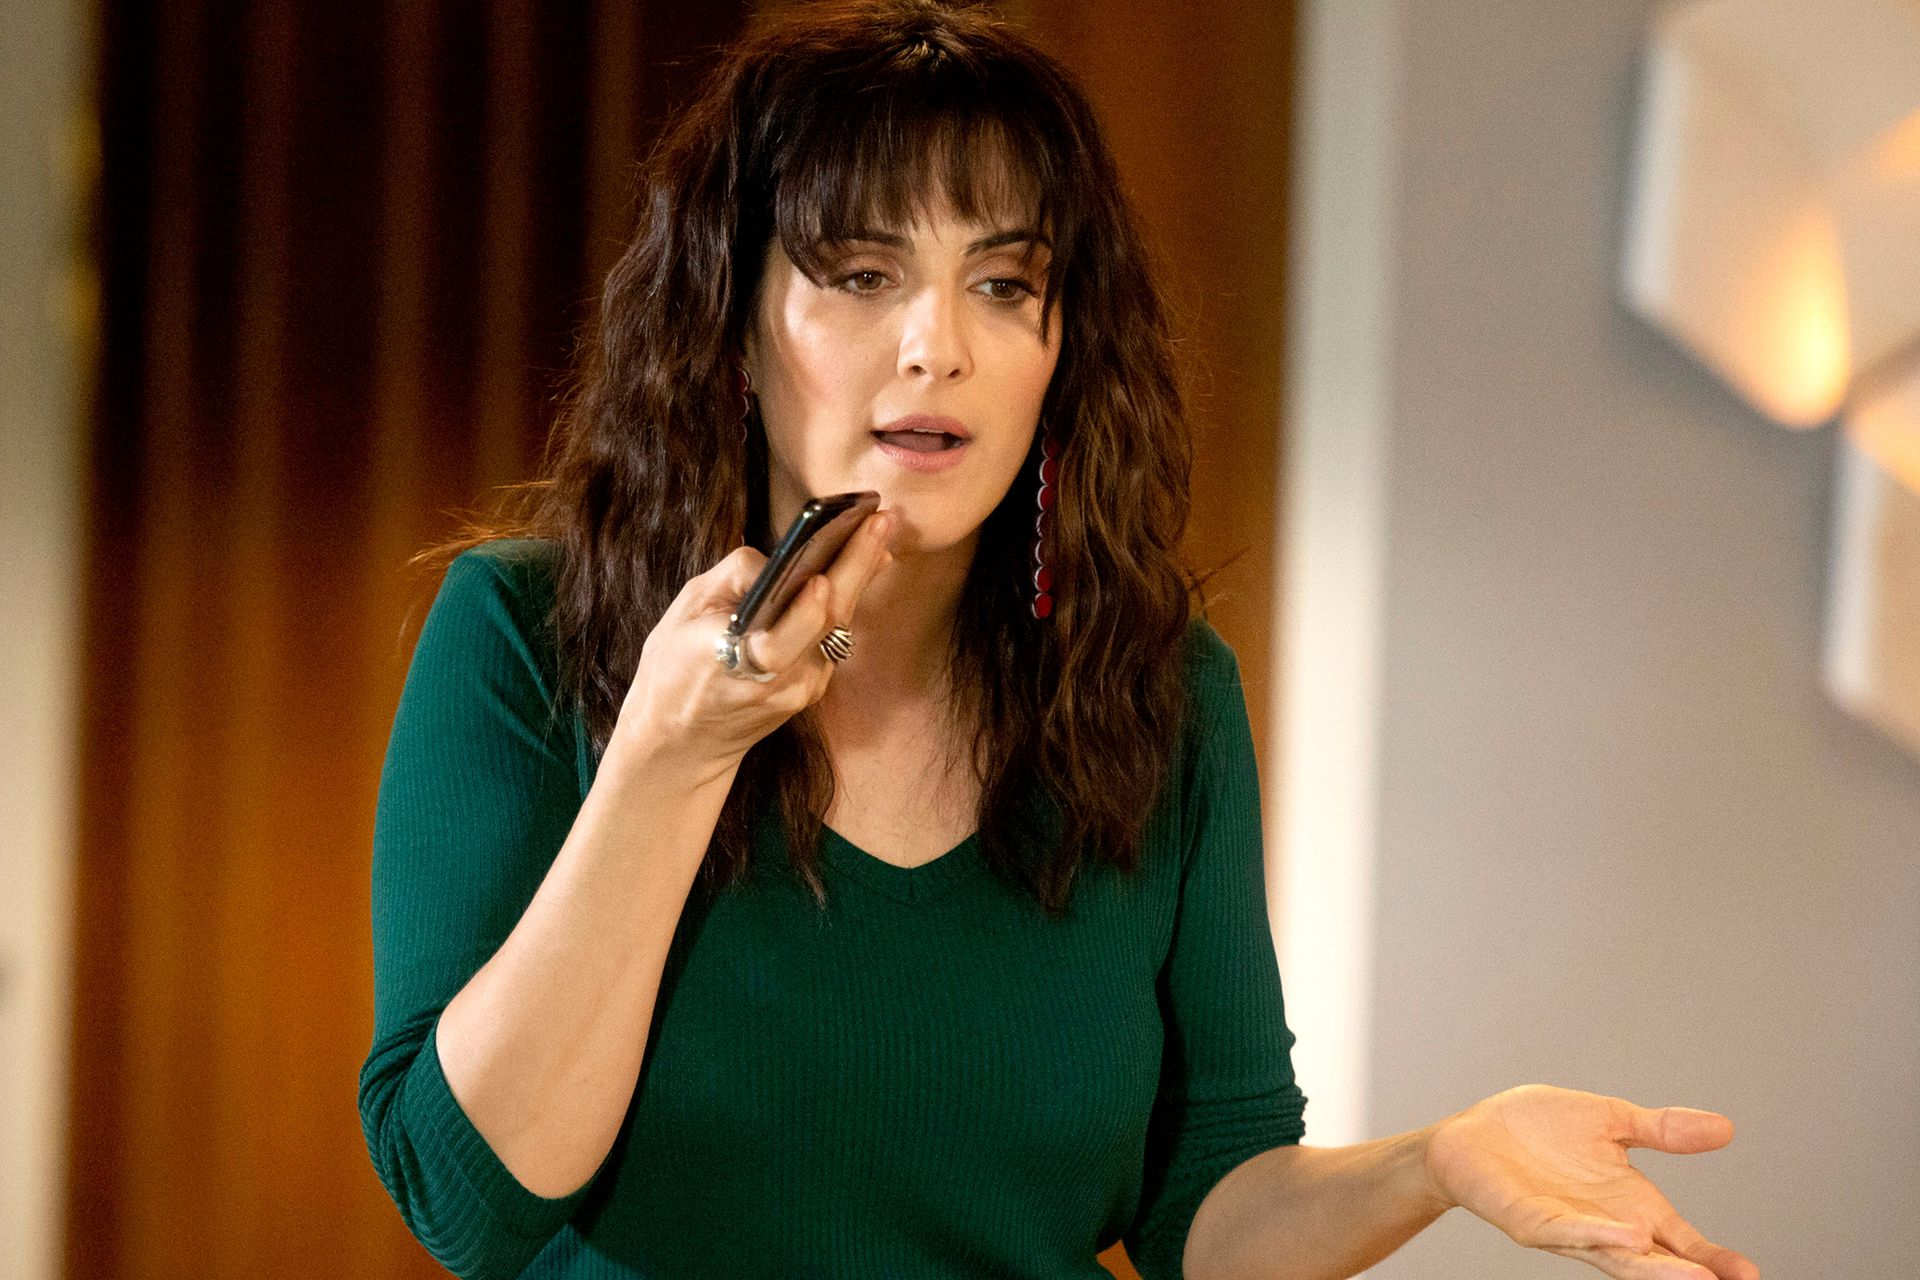 Julieta Díaz en el rol de Jazmín, una ejecutiva exitosa que subrogó -de manera clandestina- el vientre de Bárbara (Natalie Pérez) para poder ser madre